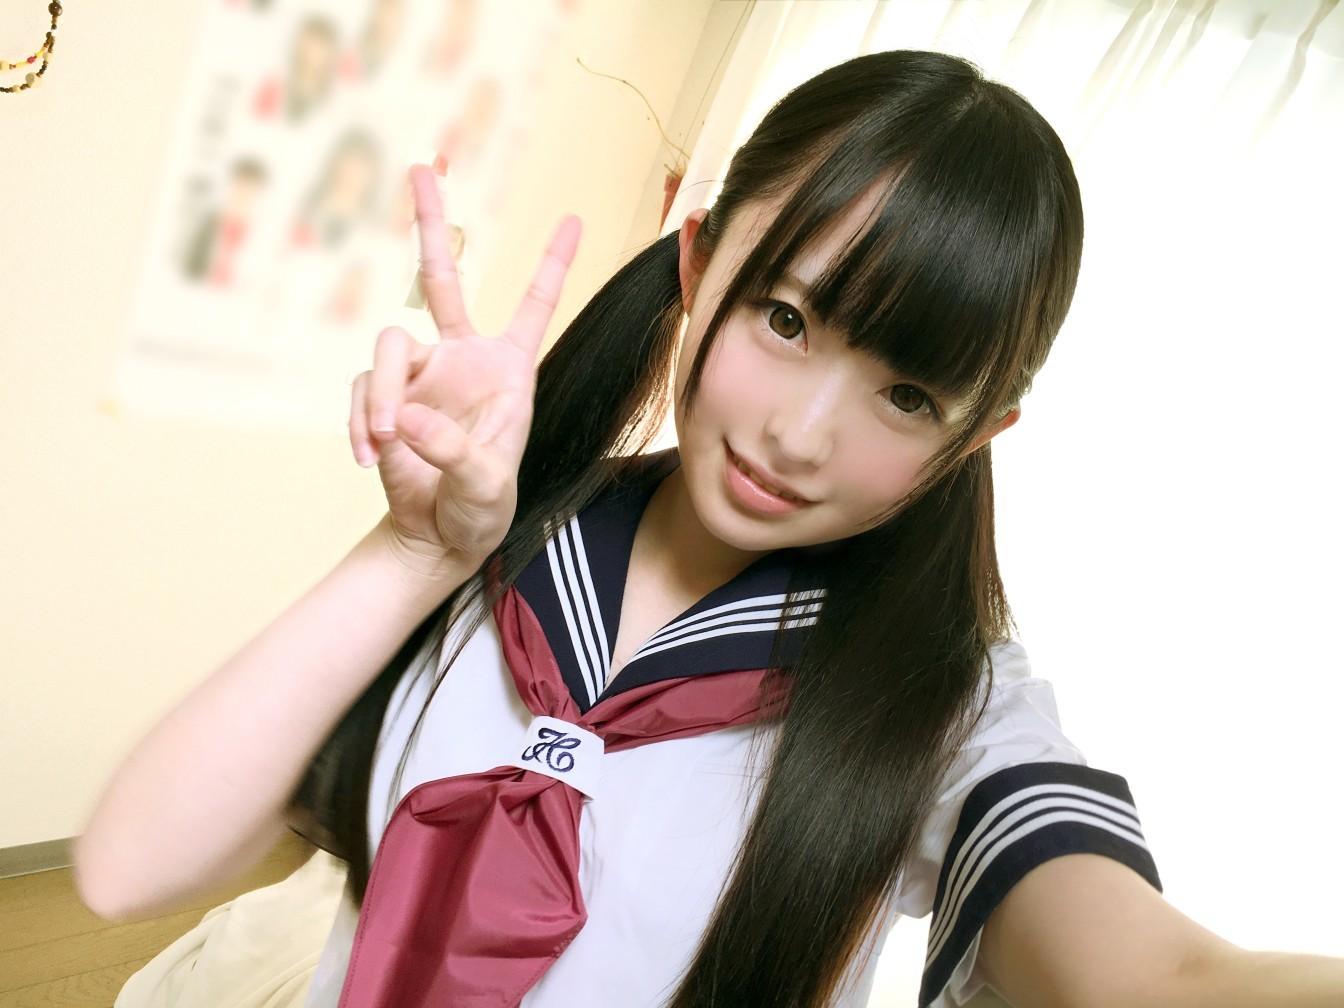 ユーチューバー「キラリ」 制服コスプレ 画像